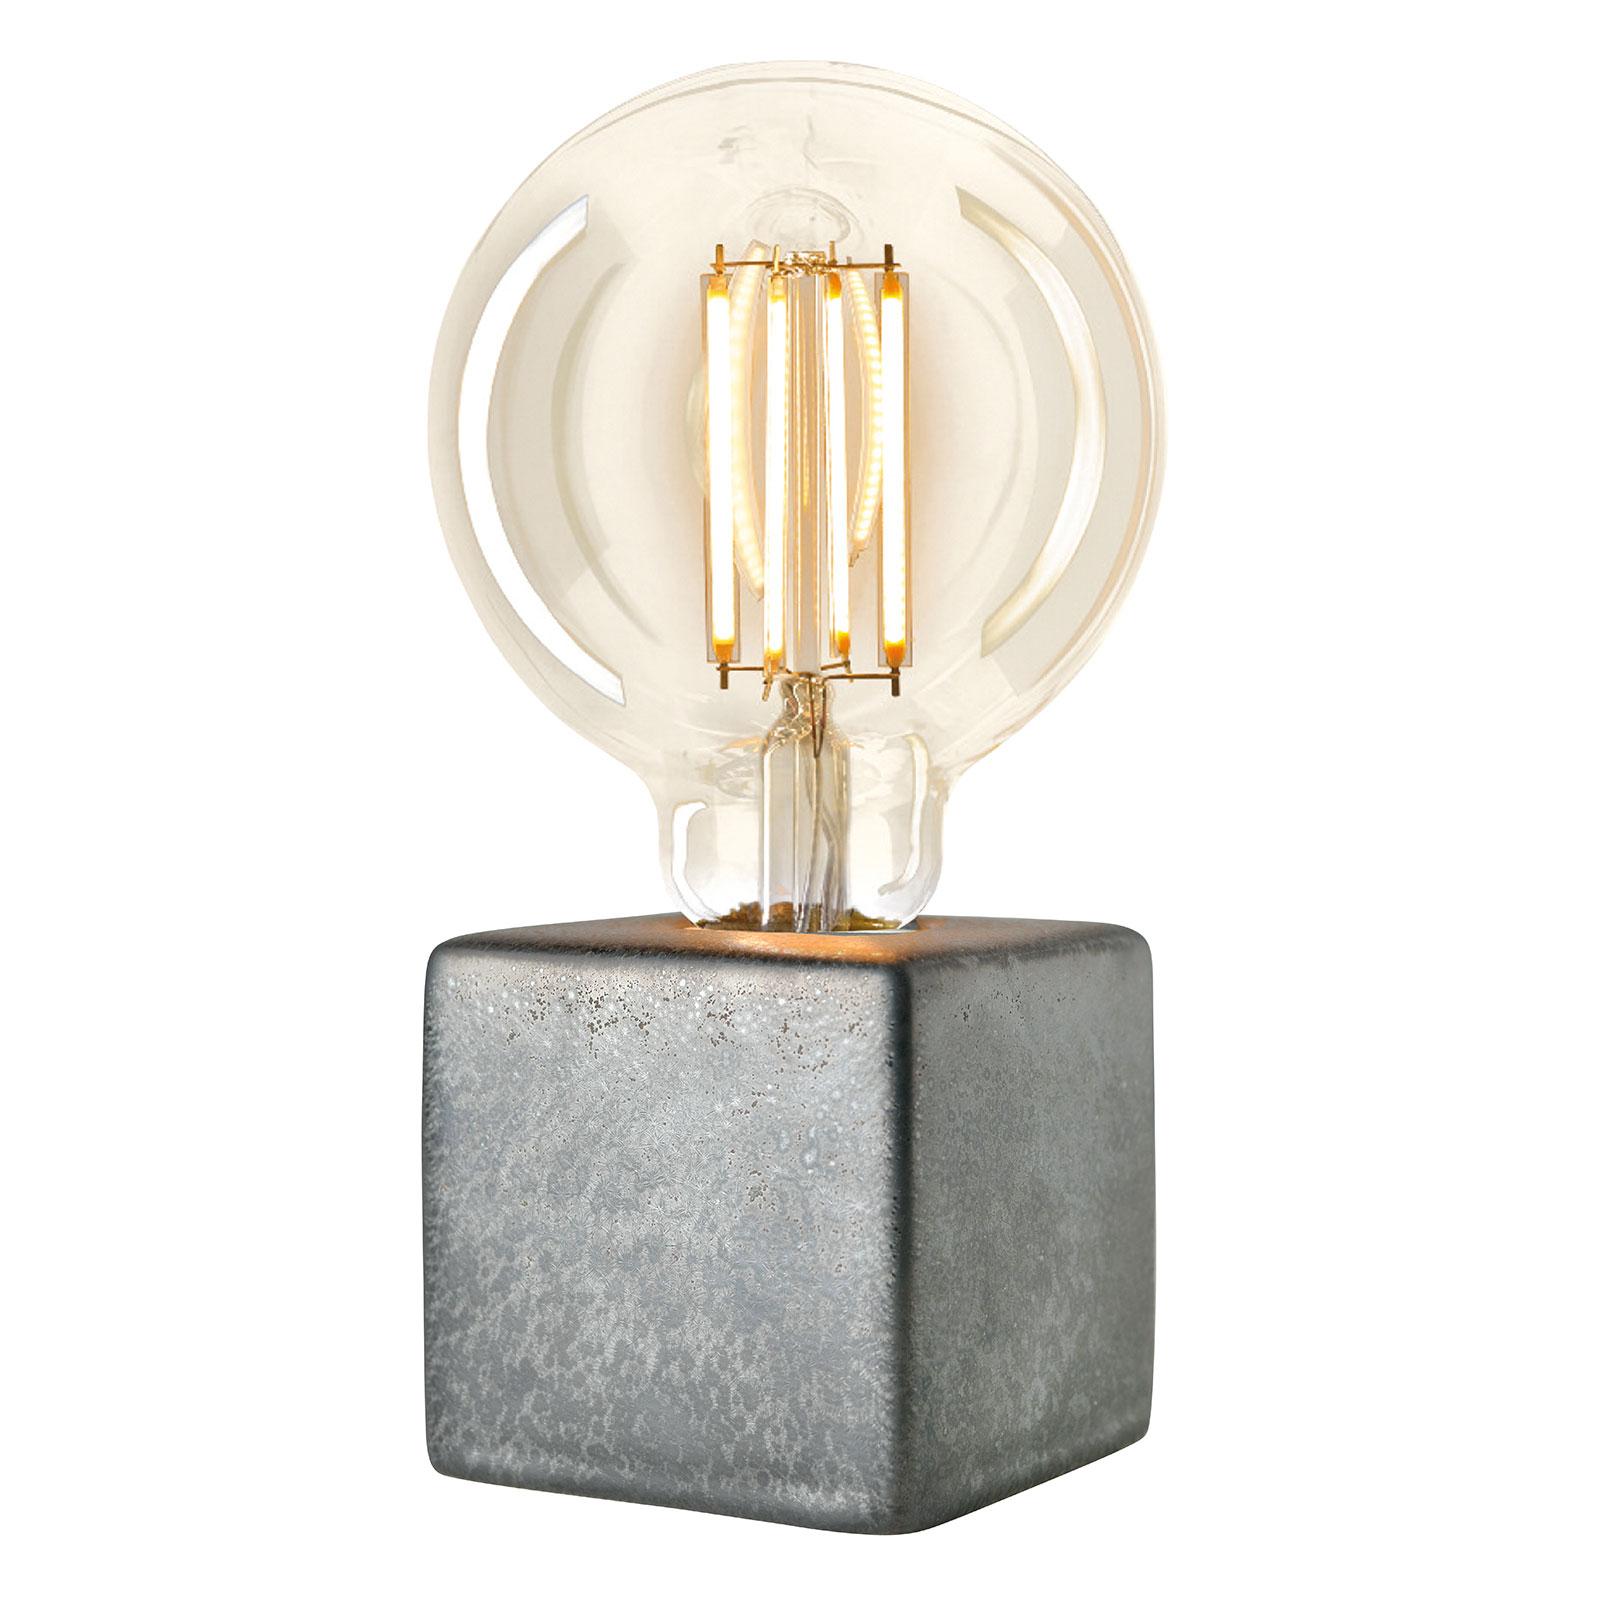 Villeroy & Boch Helsinki Tischlampe grau